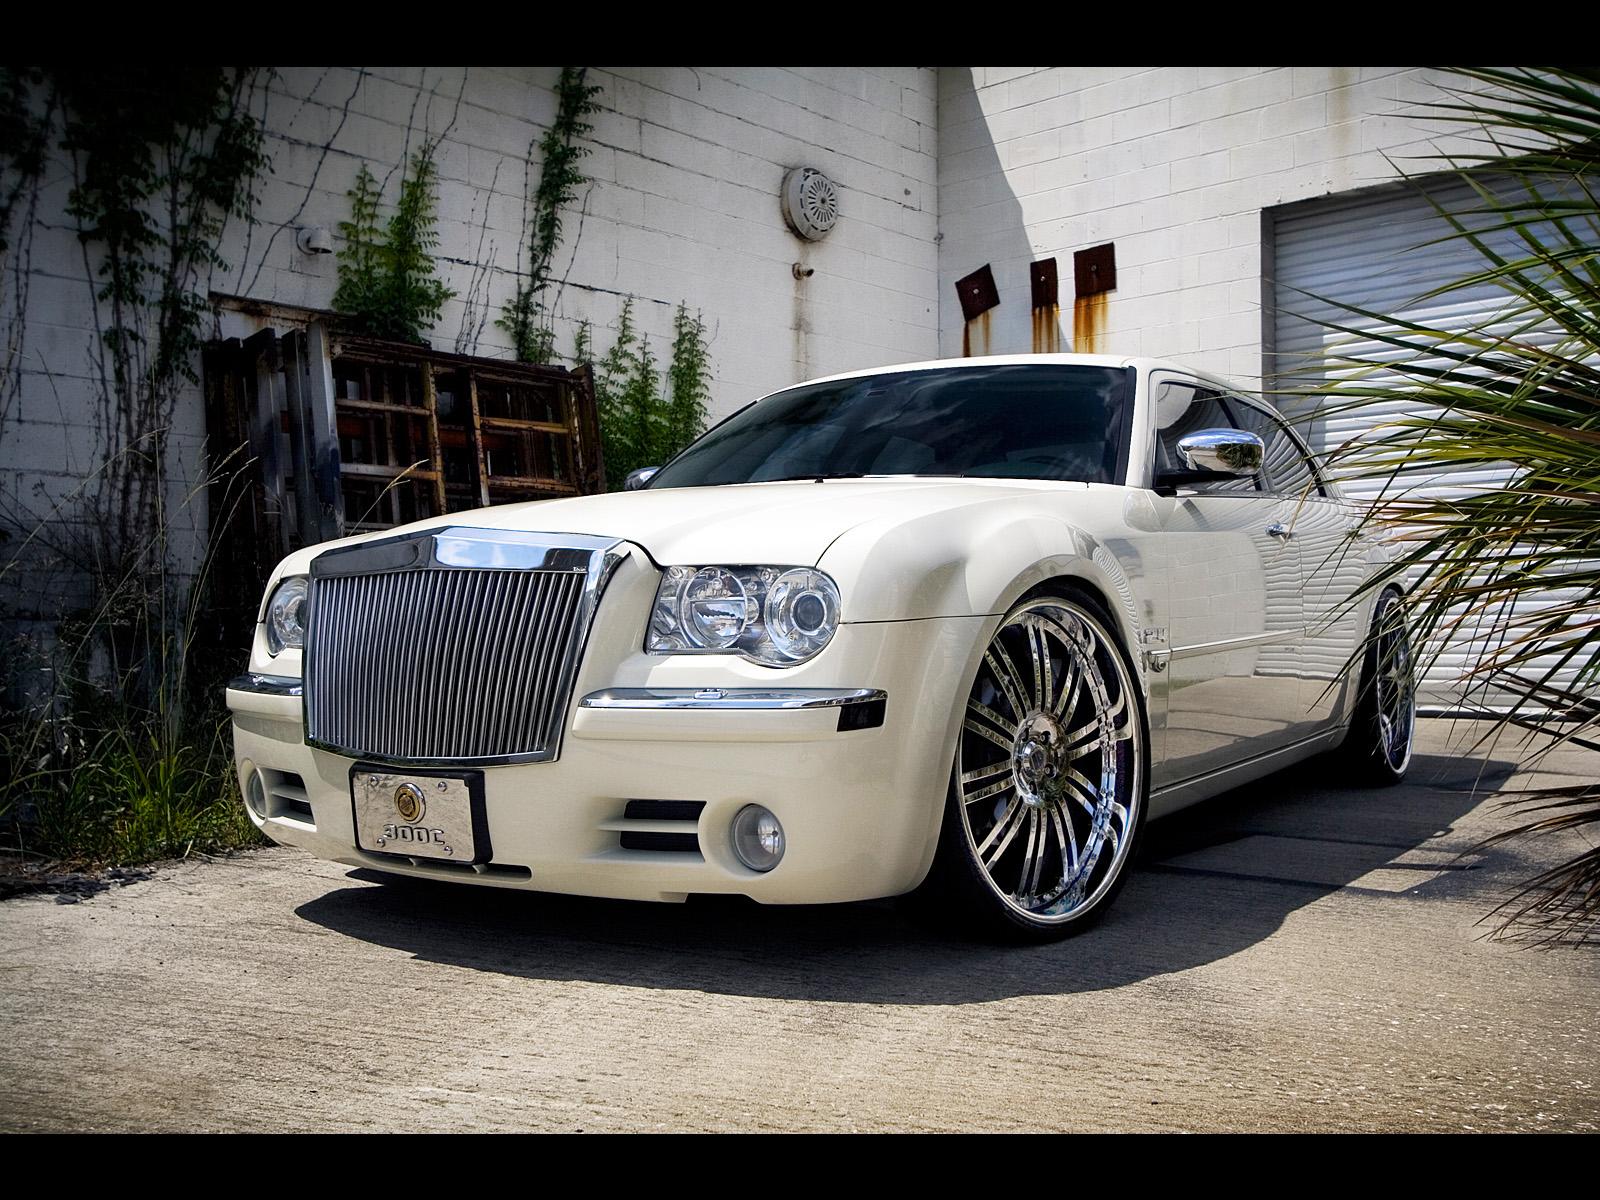 White Chrysler 300